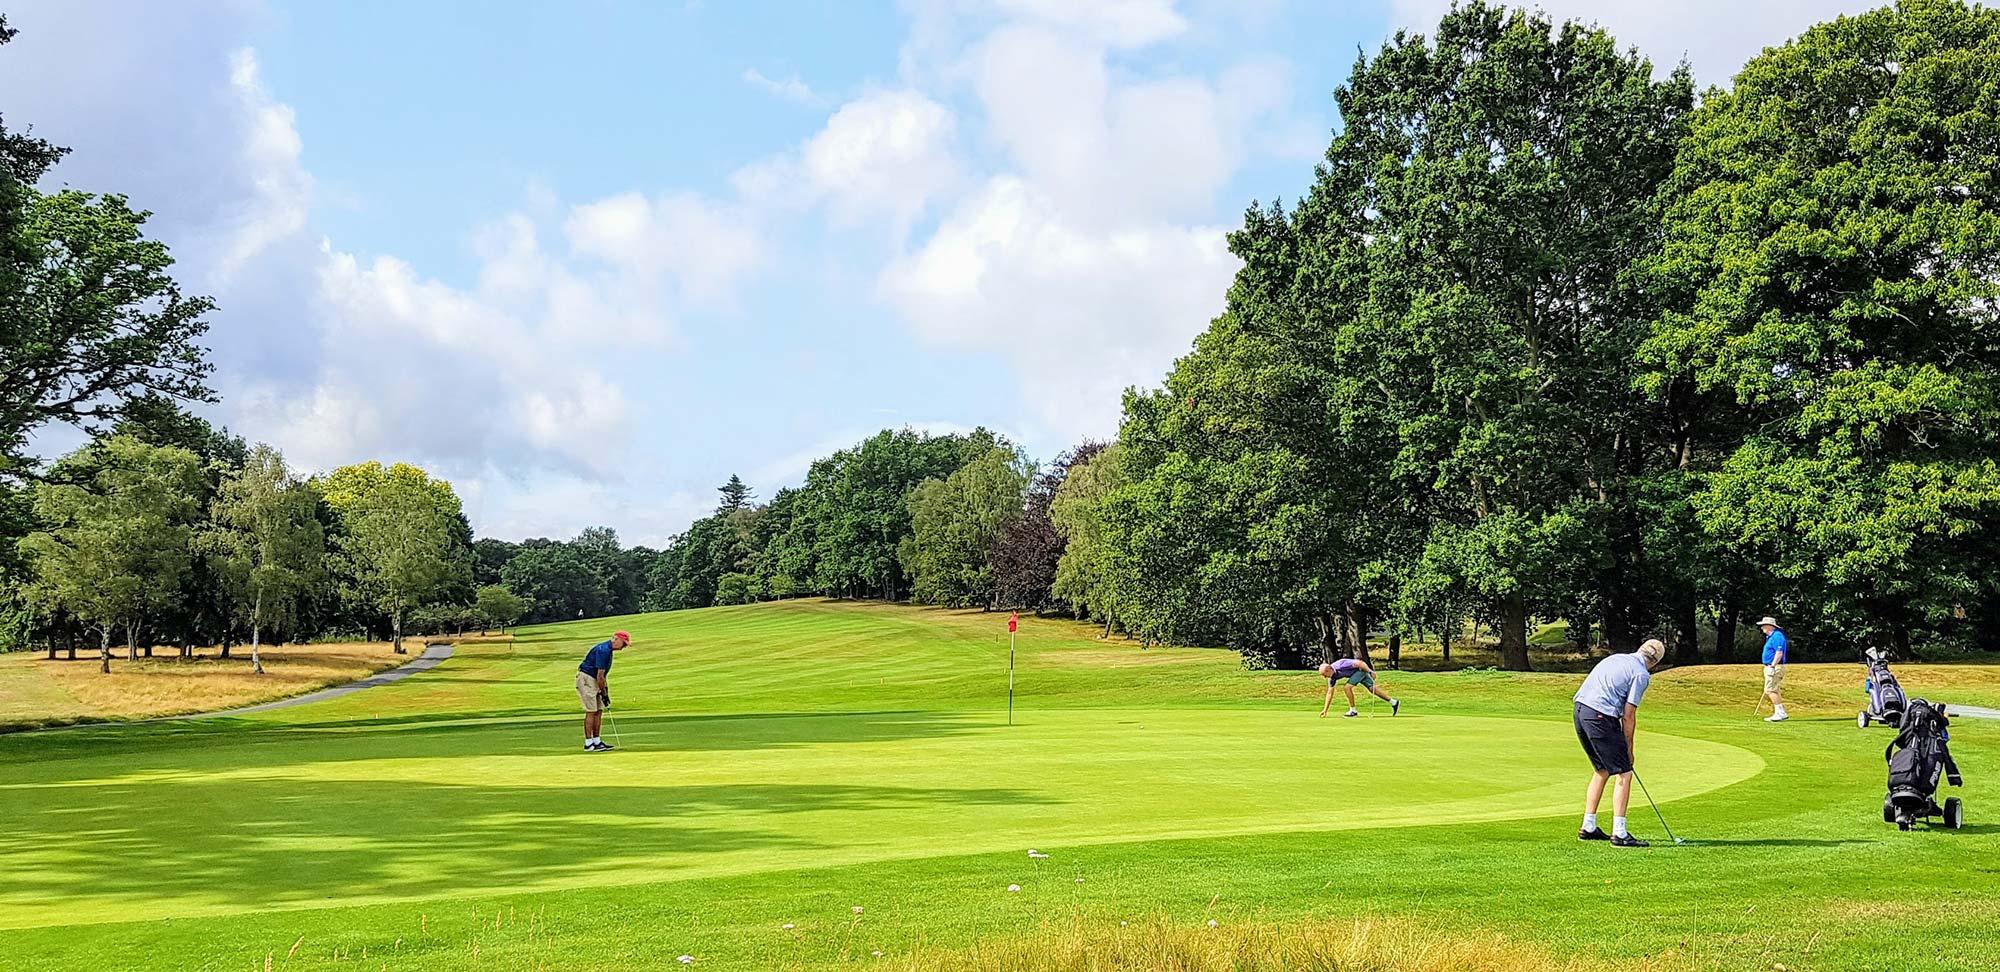 Prestigious Venues Golf Day 2019, 25